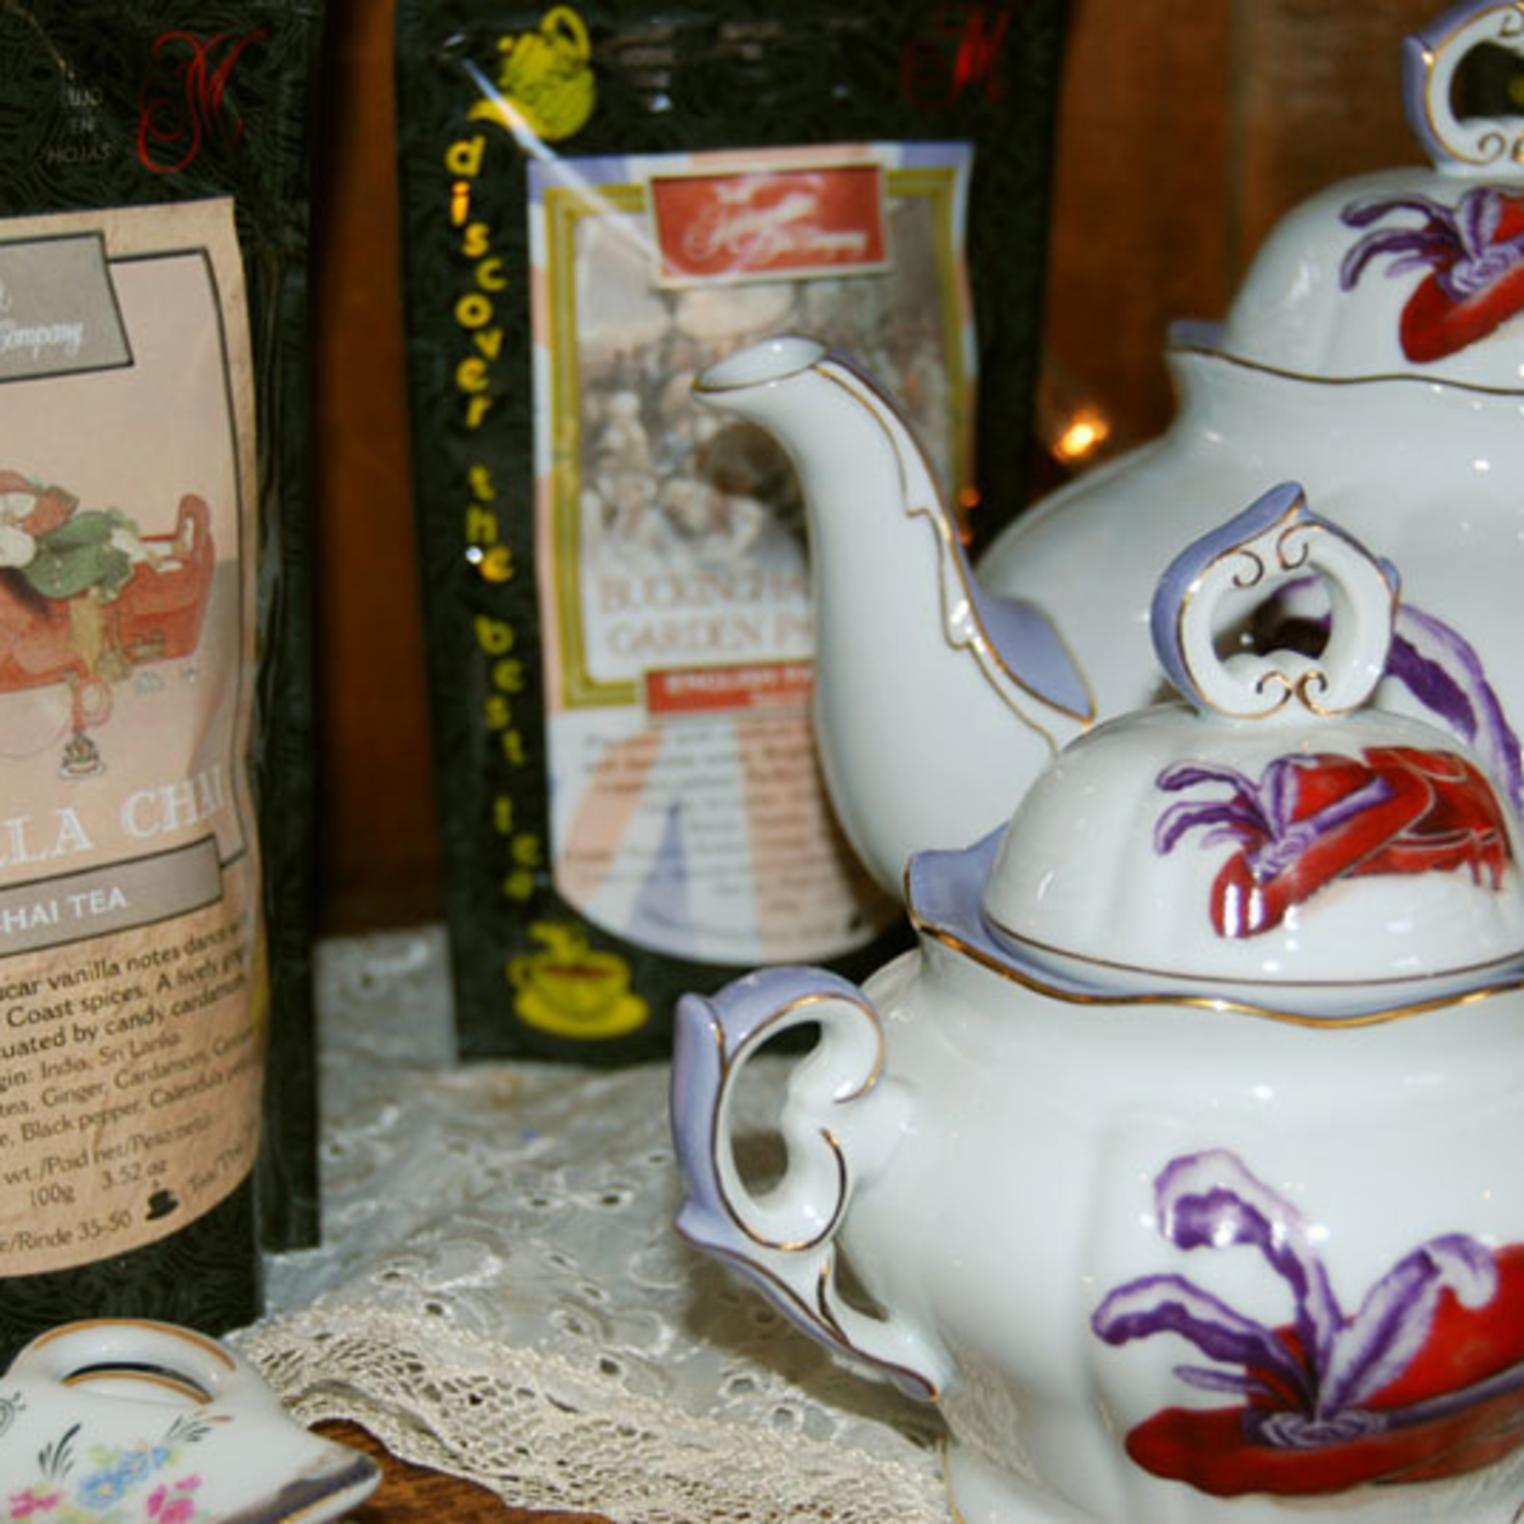 Camellia's Sin Tea Parlor